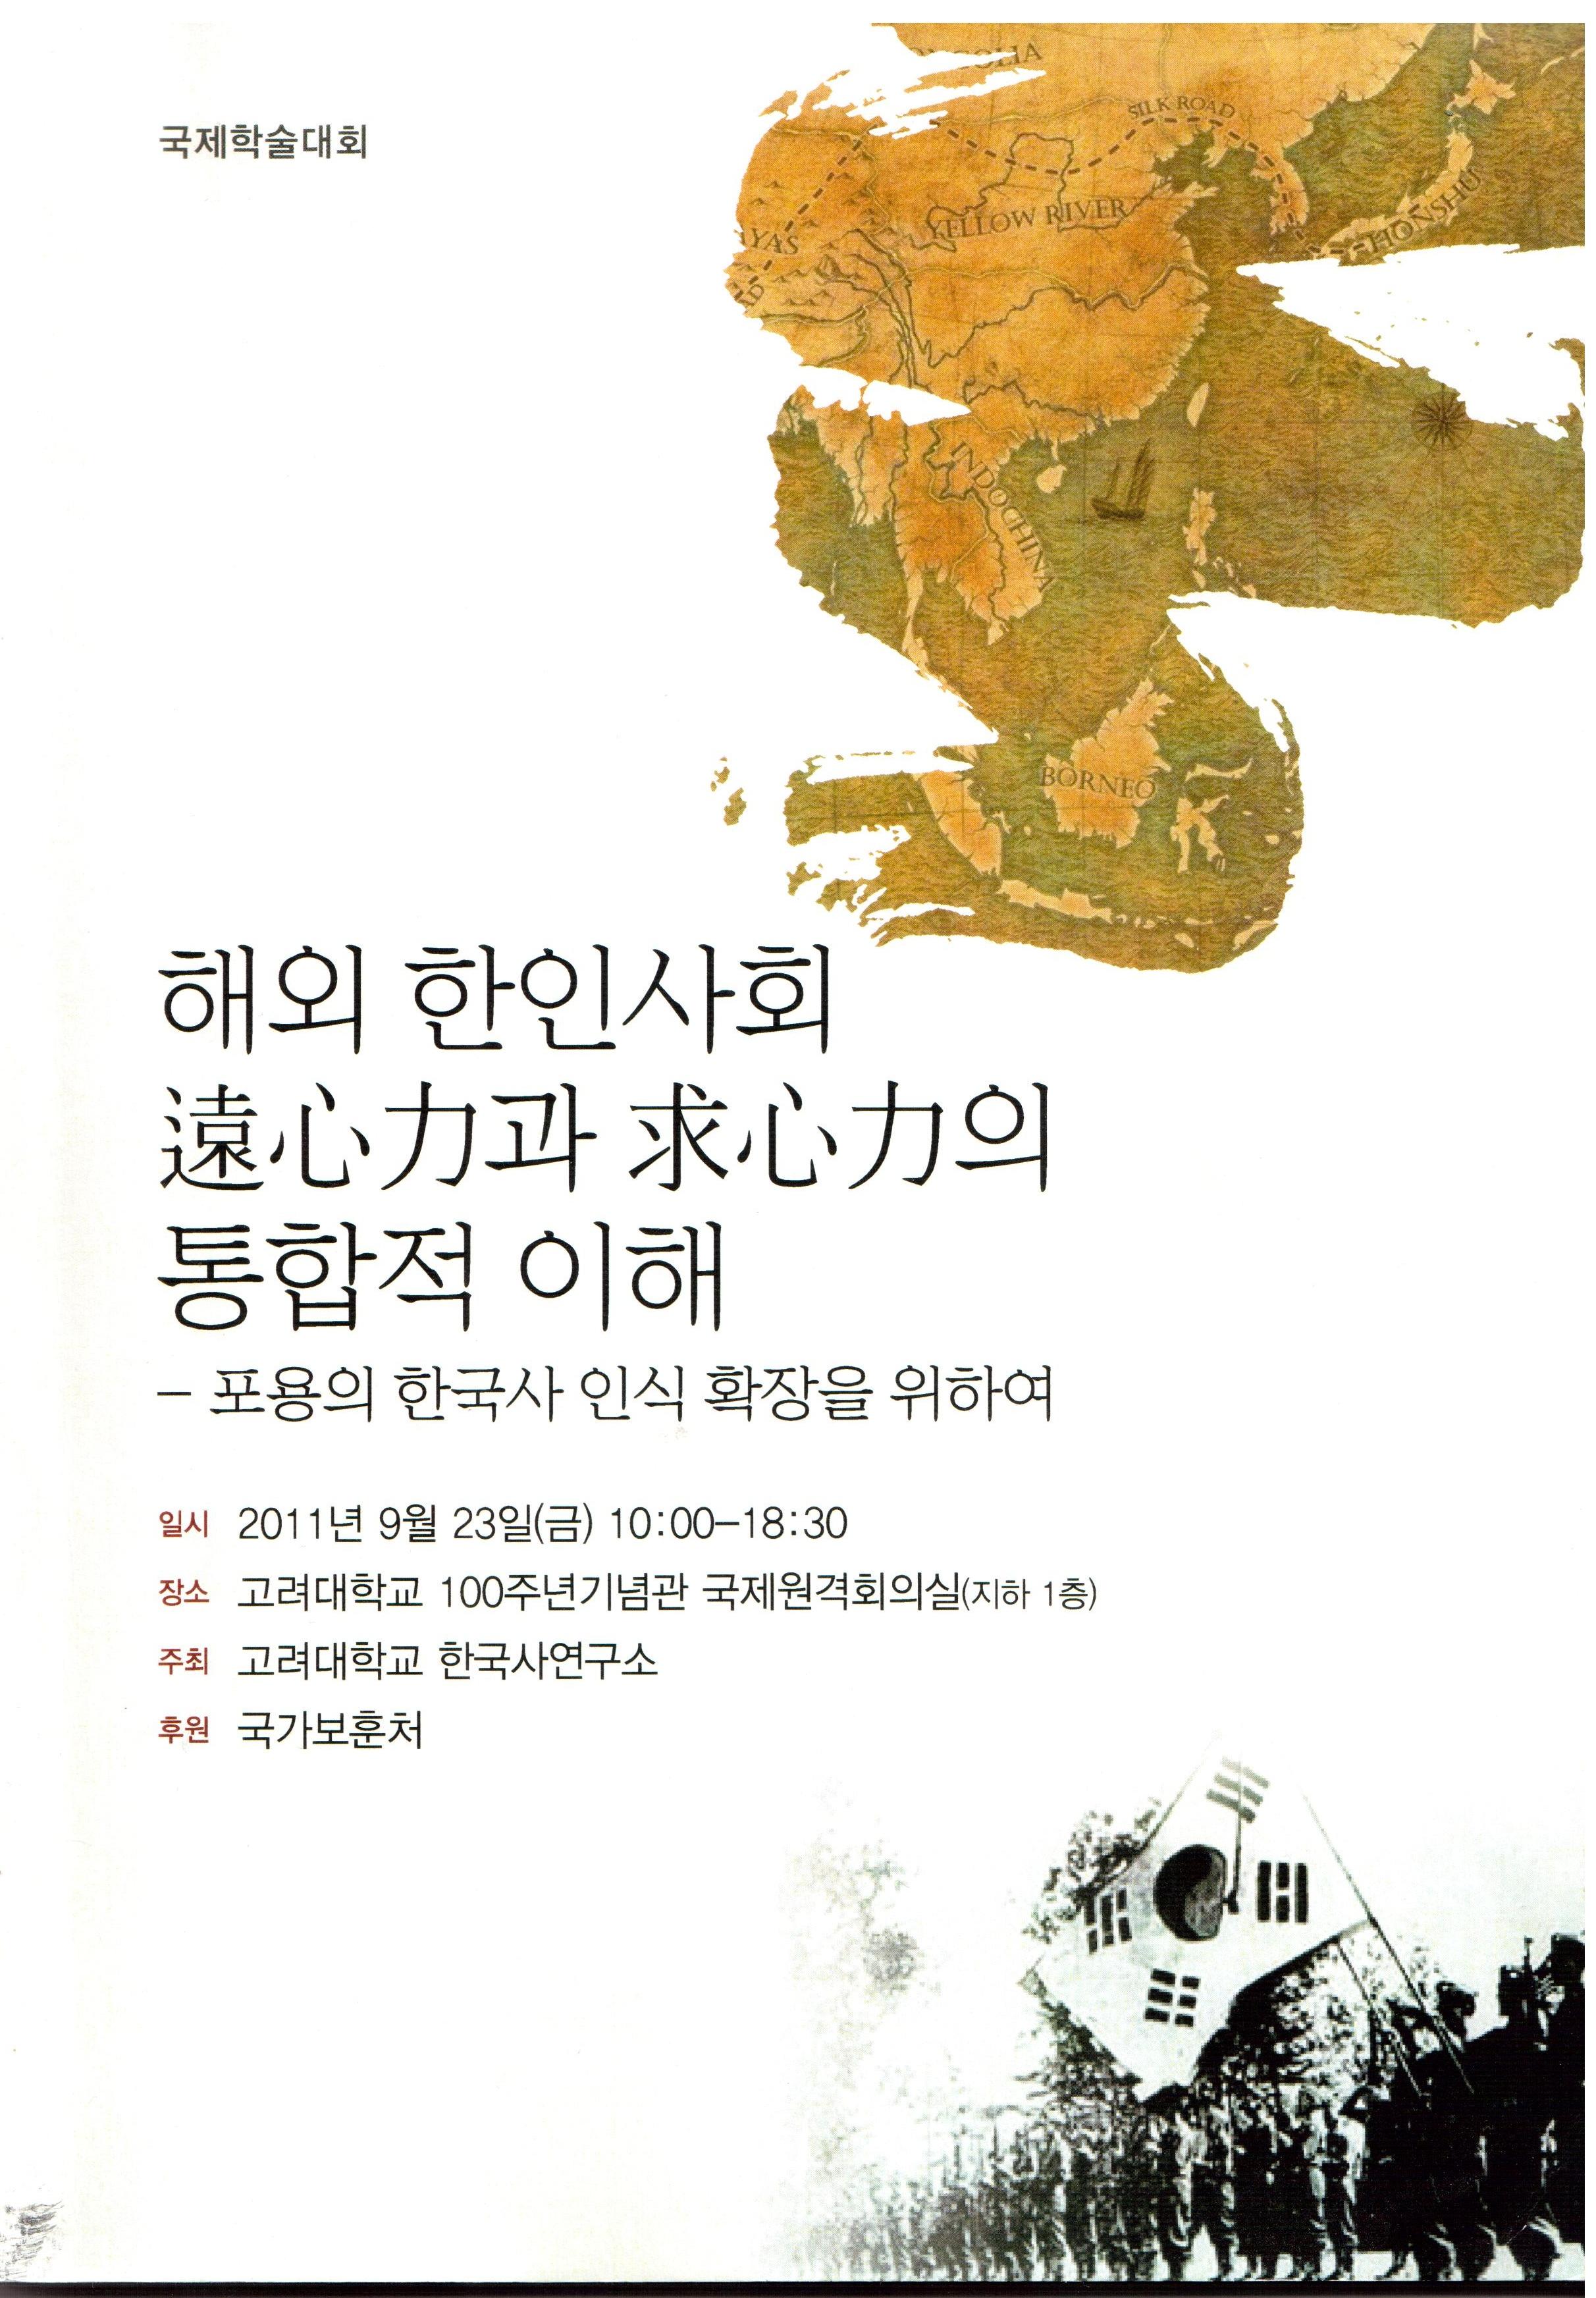 Взаимоотношения корейцев в СССР с корейским национально-освободительным движением (1920-1930)